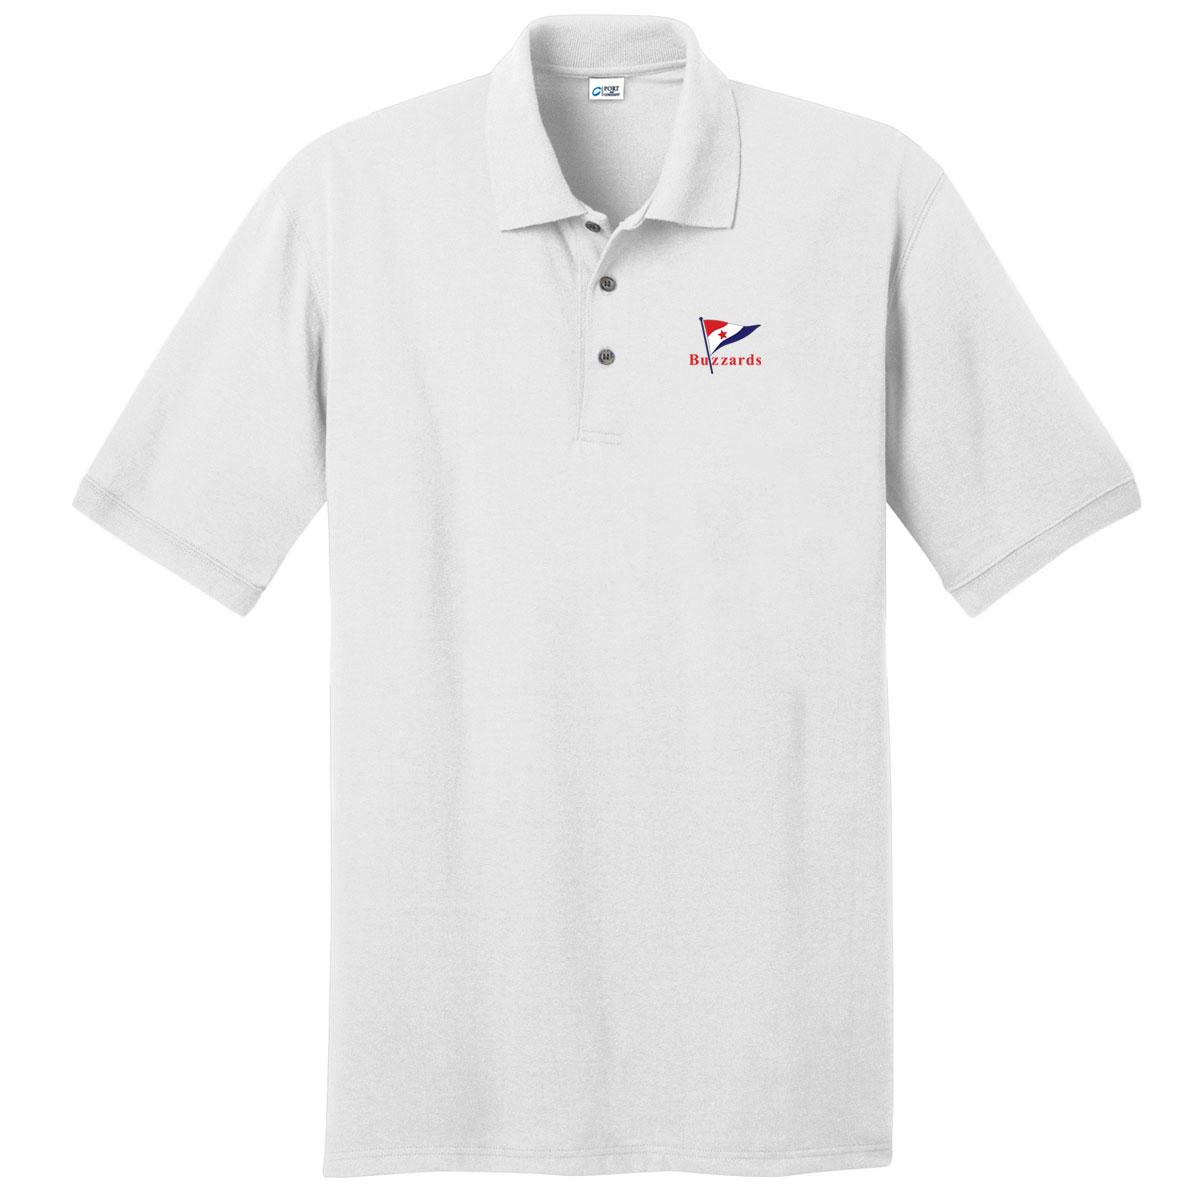 Buzzards Yacht Club - Men's Cotton Polo (BUZ101)